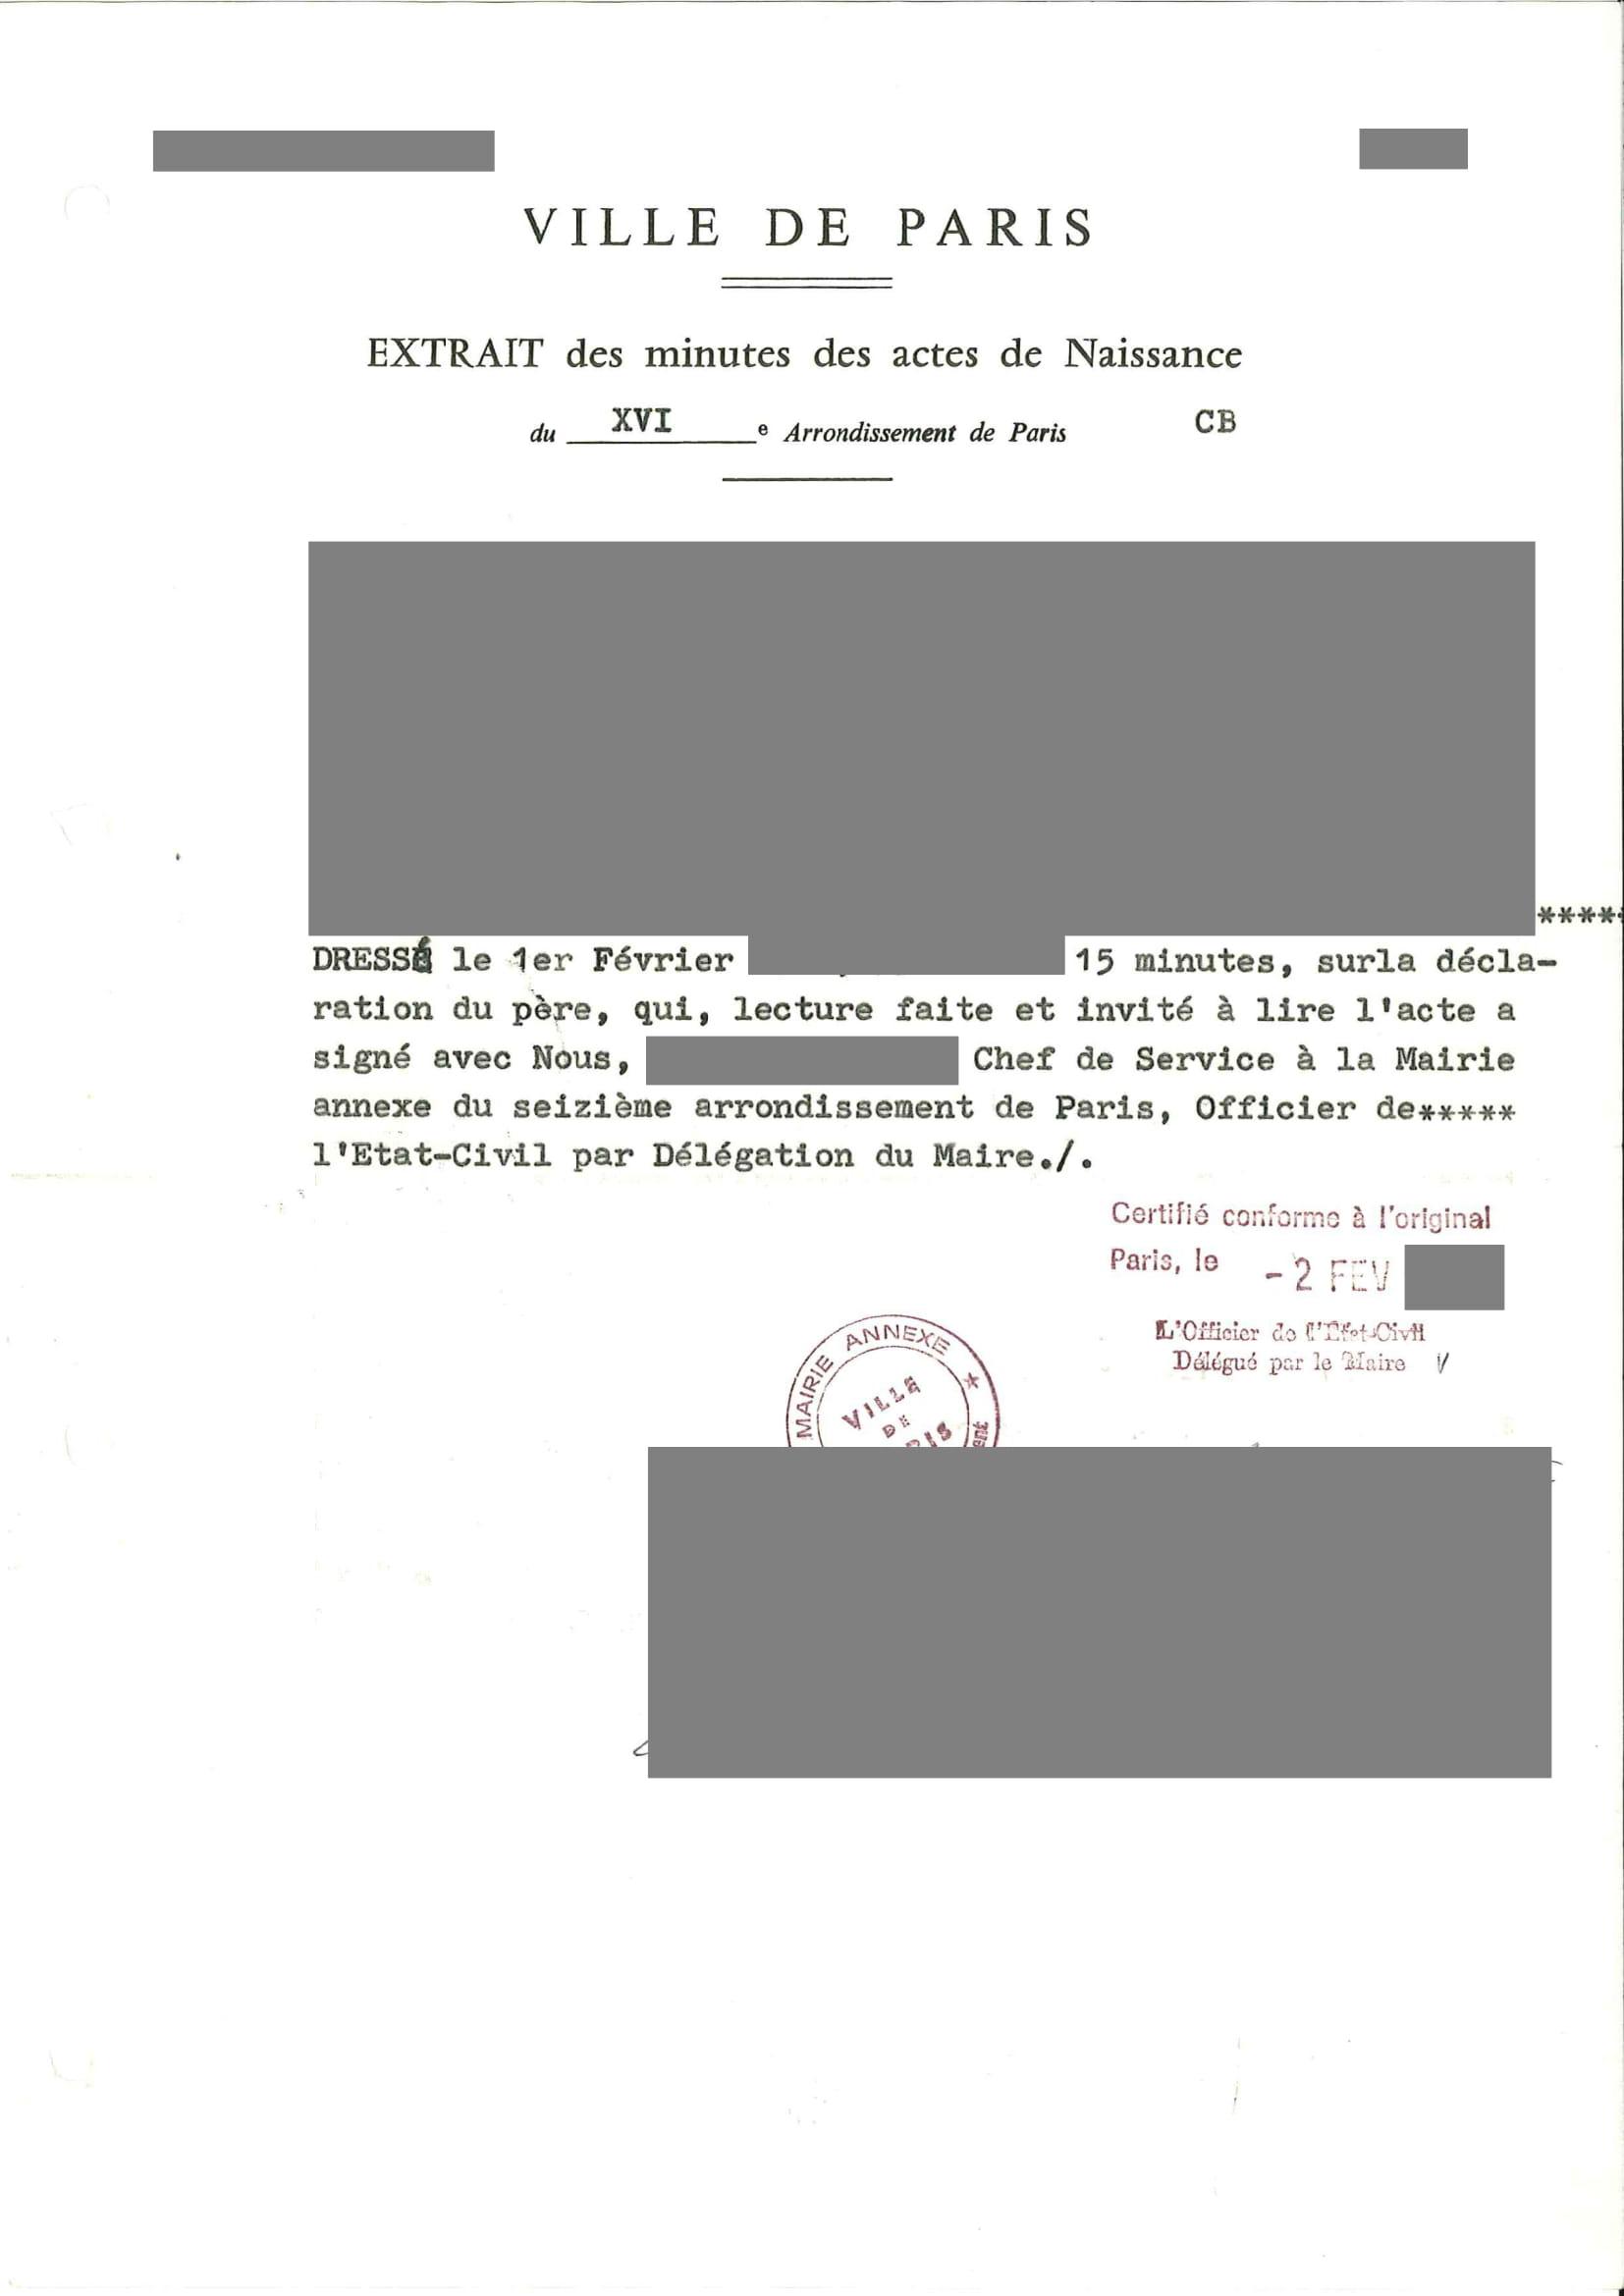 Traduction certifiée acte de naissance-1